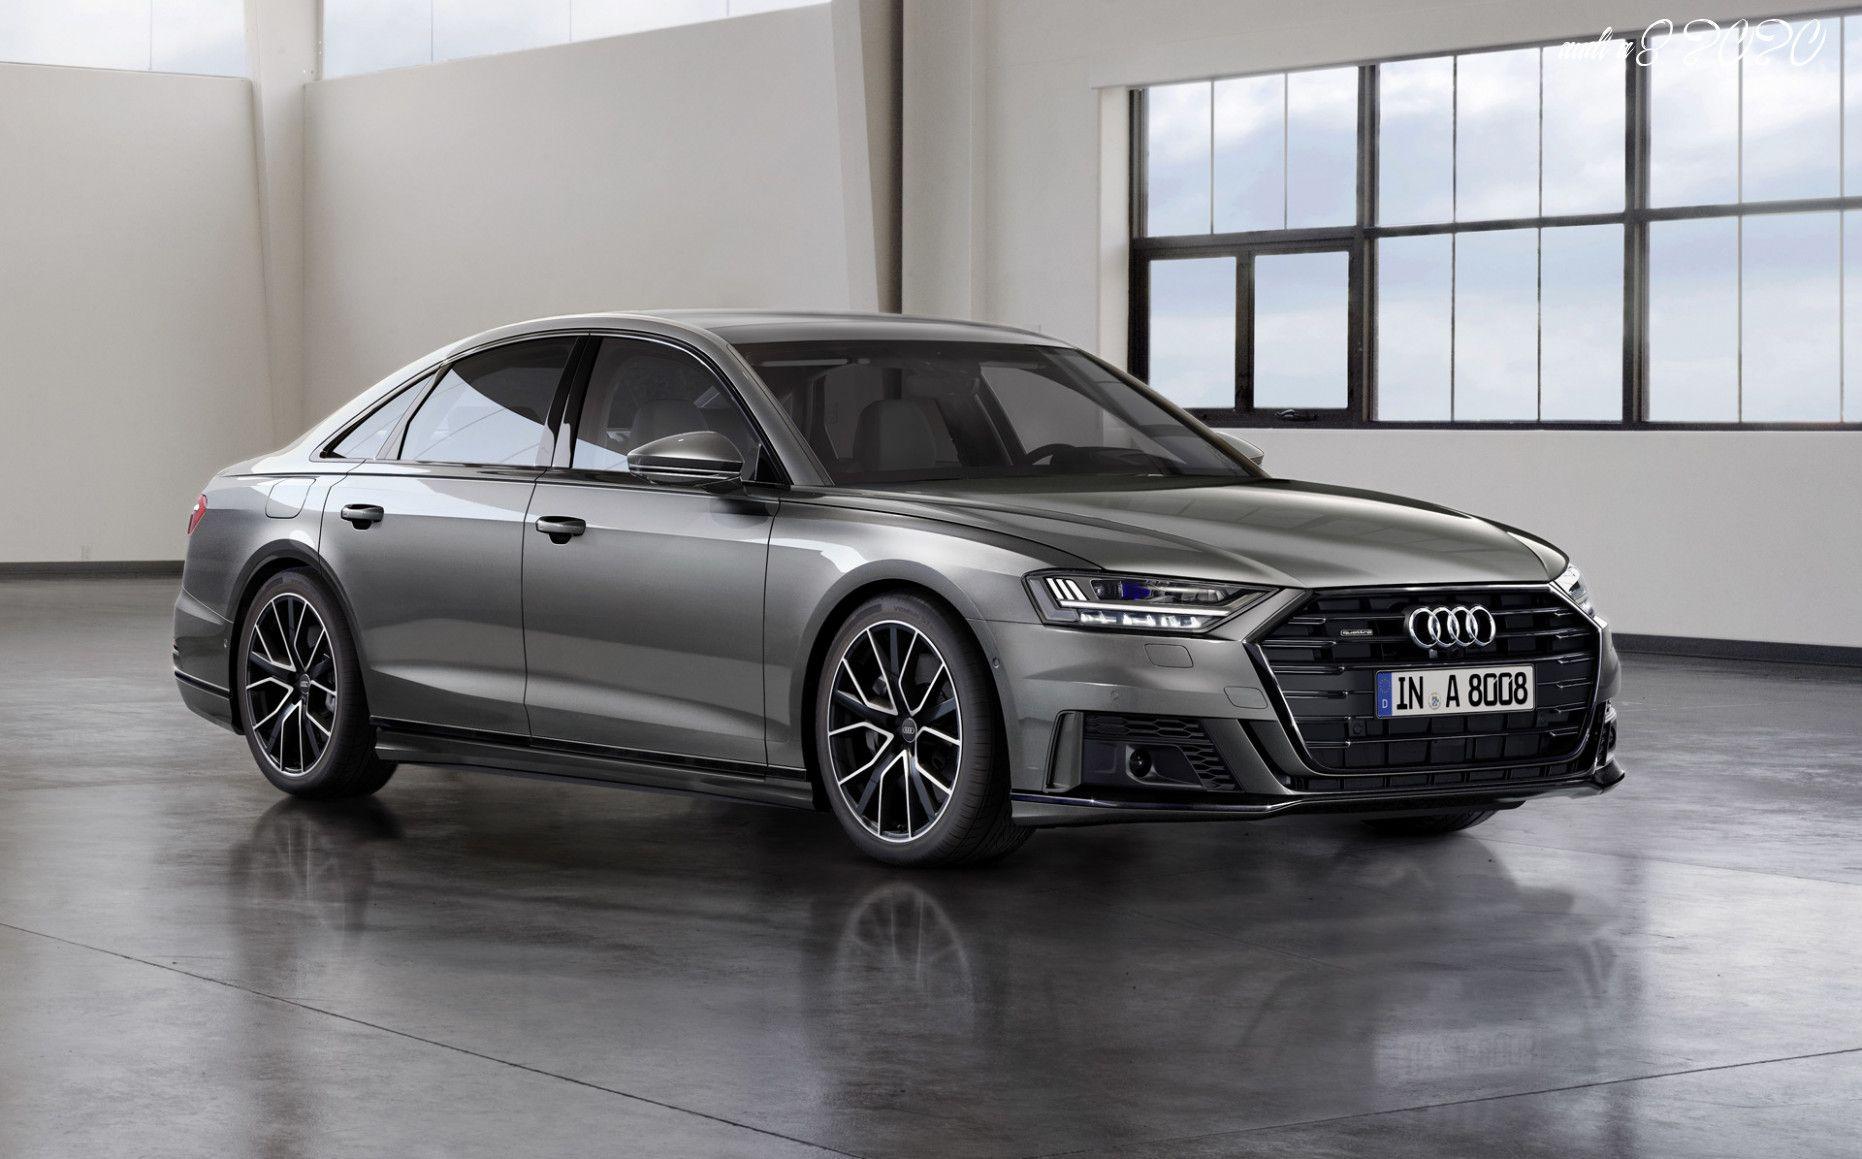 Audi A8 2020 In 2020 Audi A8 Audi Car